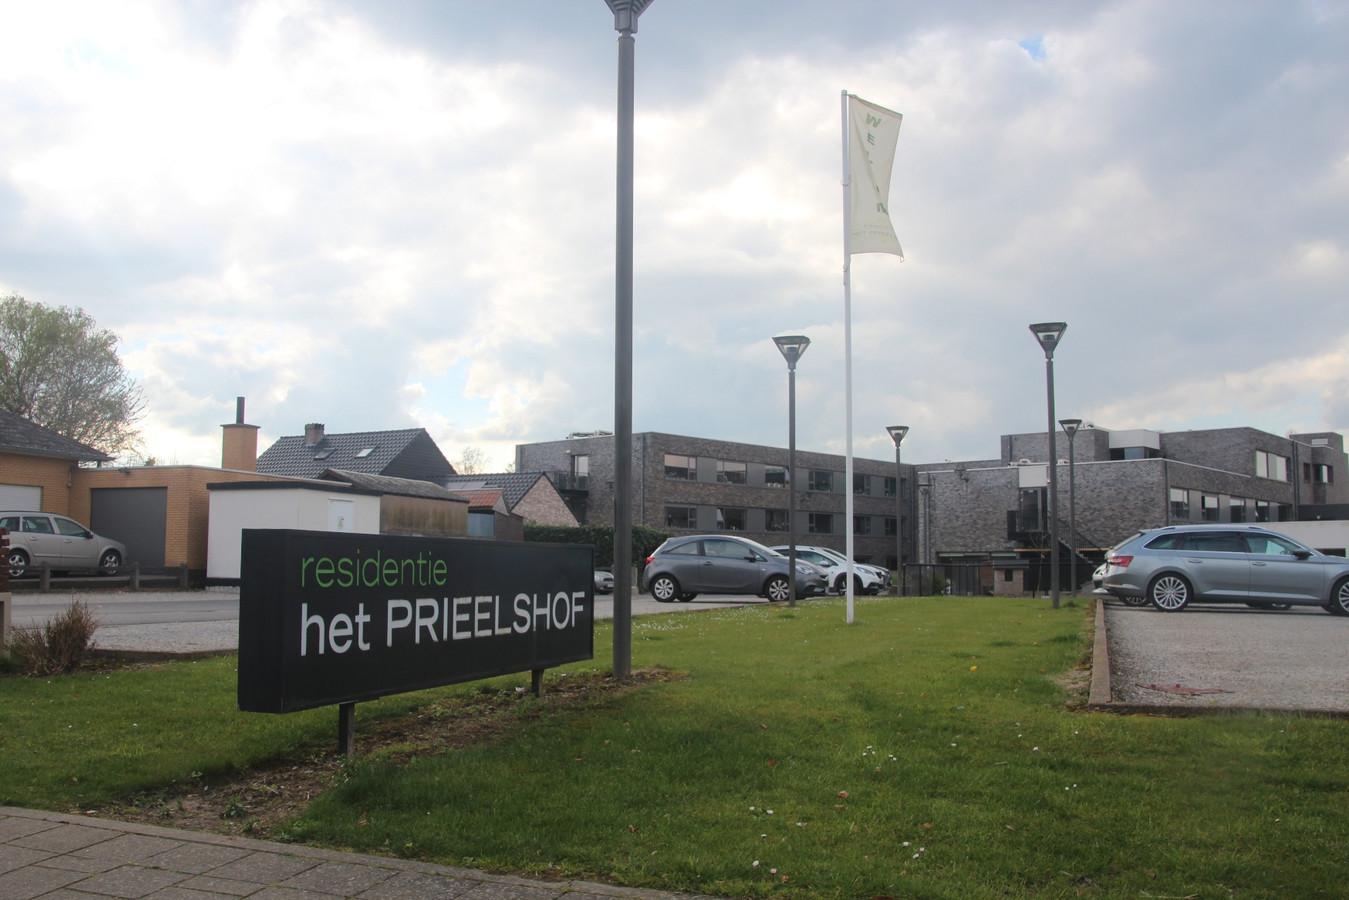 Residentie Prieelshof.